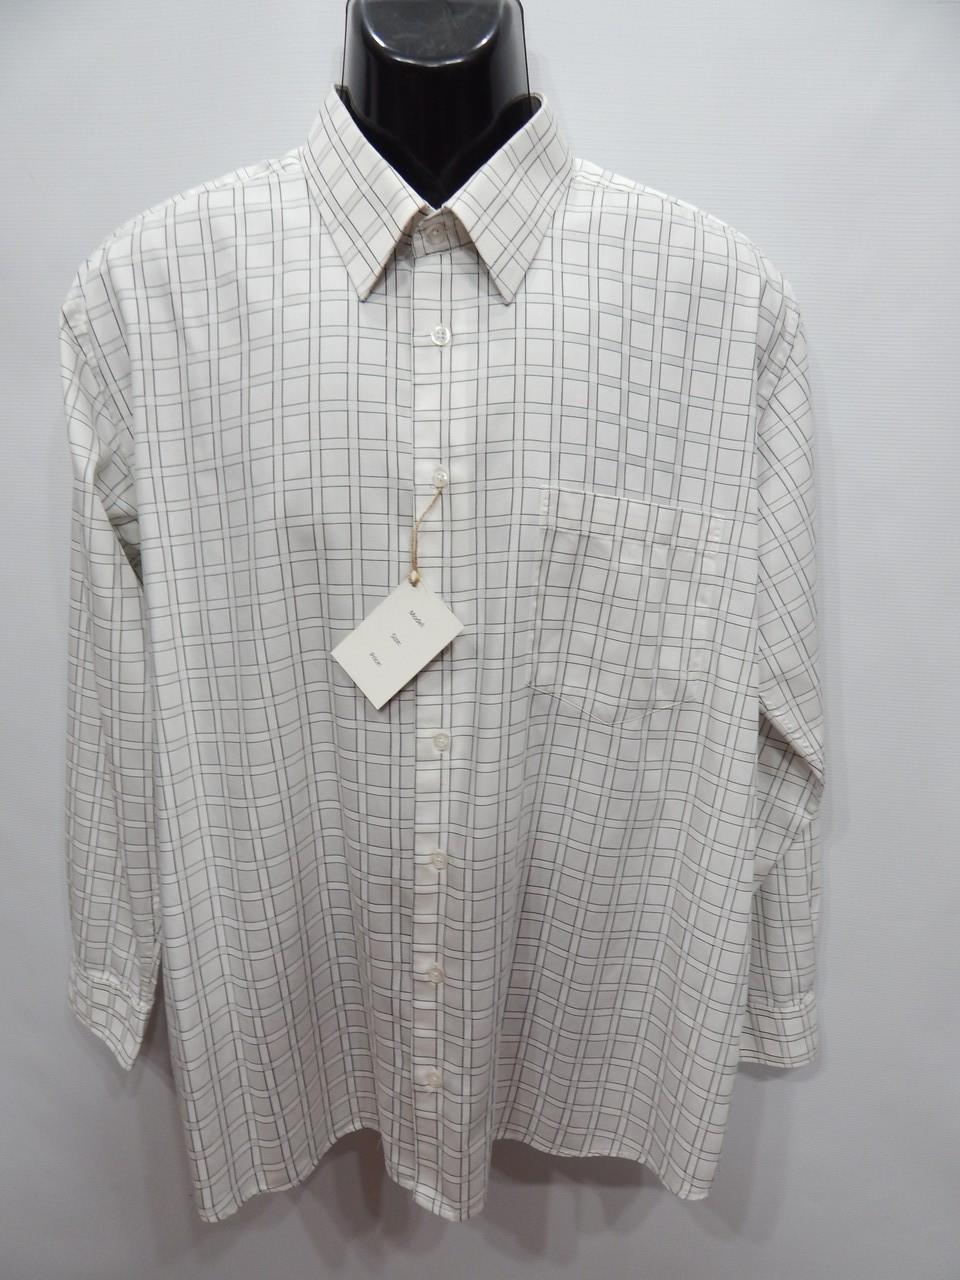 Чоловіча сорочка з довгим рукавом Nettelstroth 003ДР р. 52